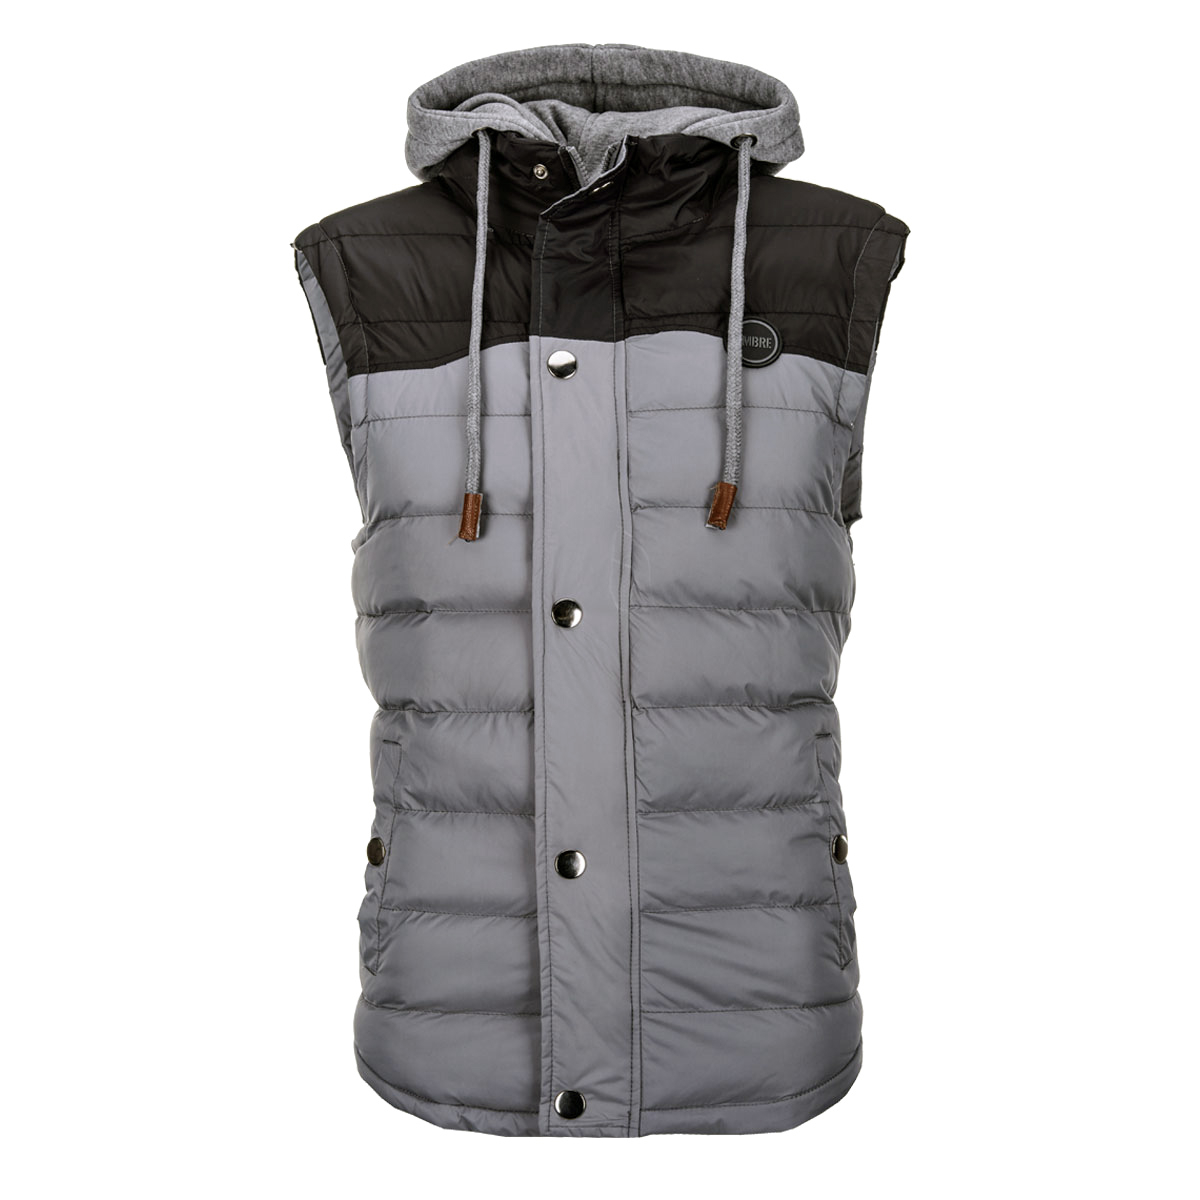 c348ef2df ... Clothing Pánská vesta s odnímatelnou kapucí Ross šedá. -30%. Ombre ...